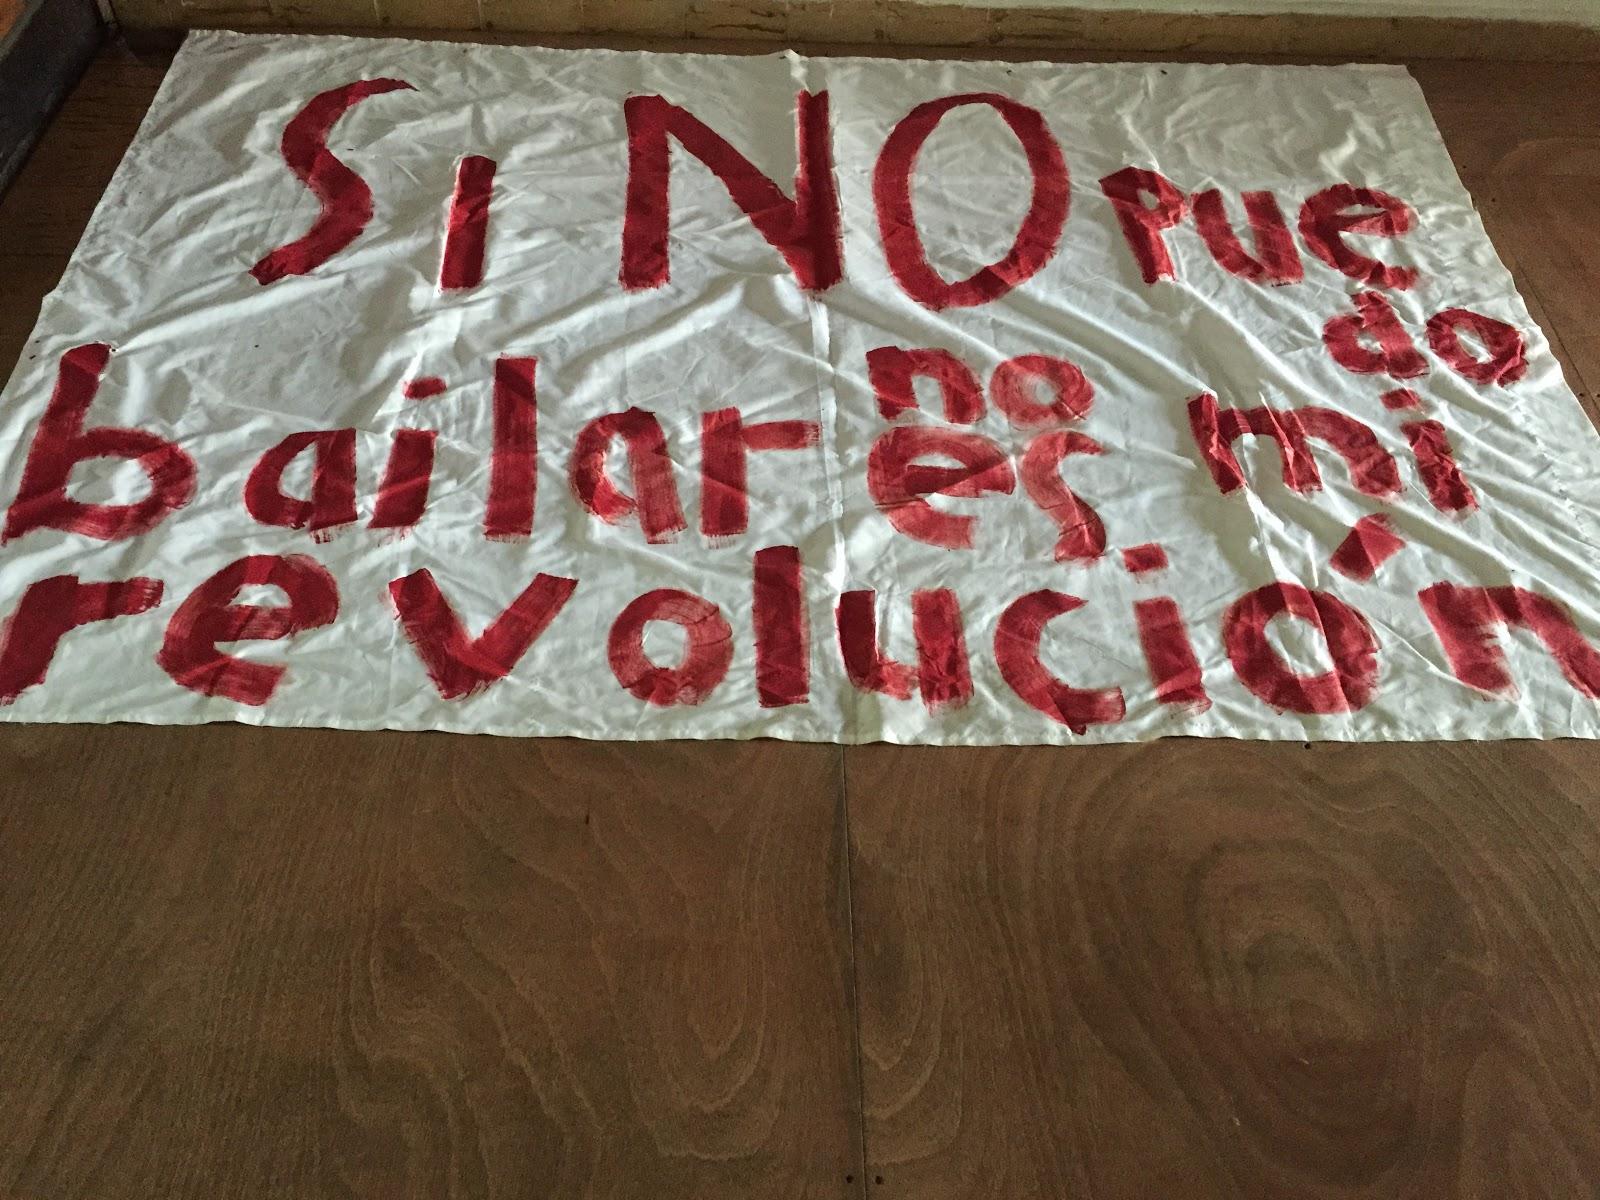 """marzo 2017. en preparación al #ParodeMujeresPR autogestión y documentación en PISO Calle Estrella. Banner reads """"Si no puedo bailar no es mi revolución"""" which stands for: If I cannot dance it is not my revolution. If it is not feminist and intersectional it is not my revolution"""